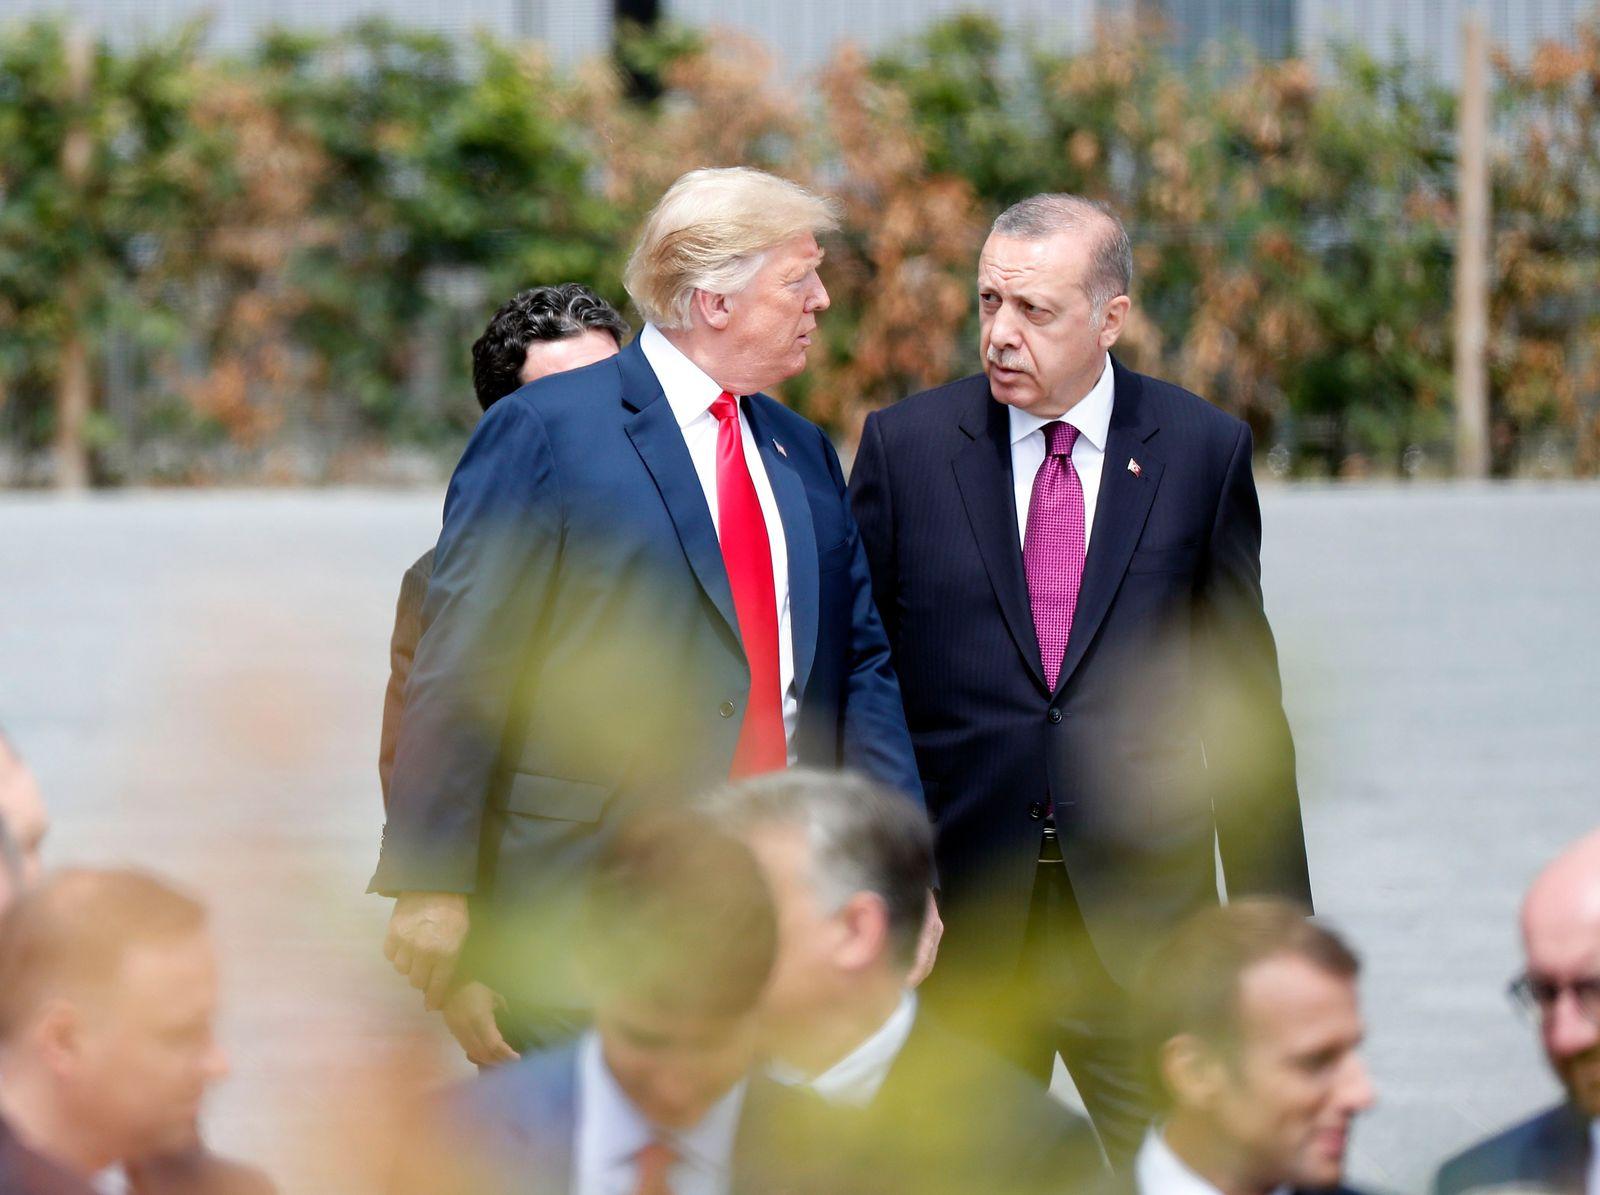 USA/ Türkei/ Sanktionen/ Erdogan/ Trump